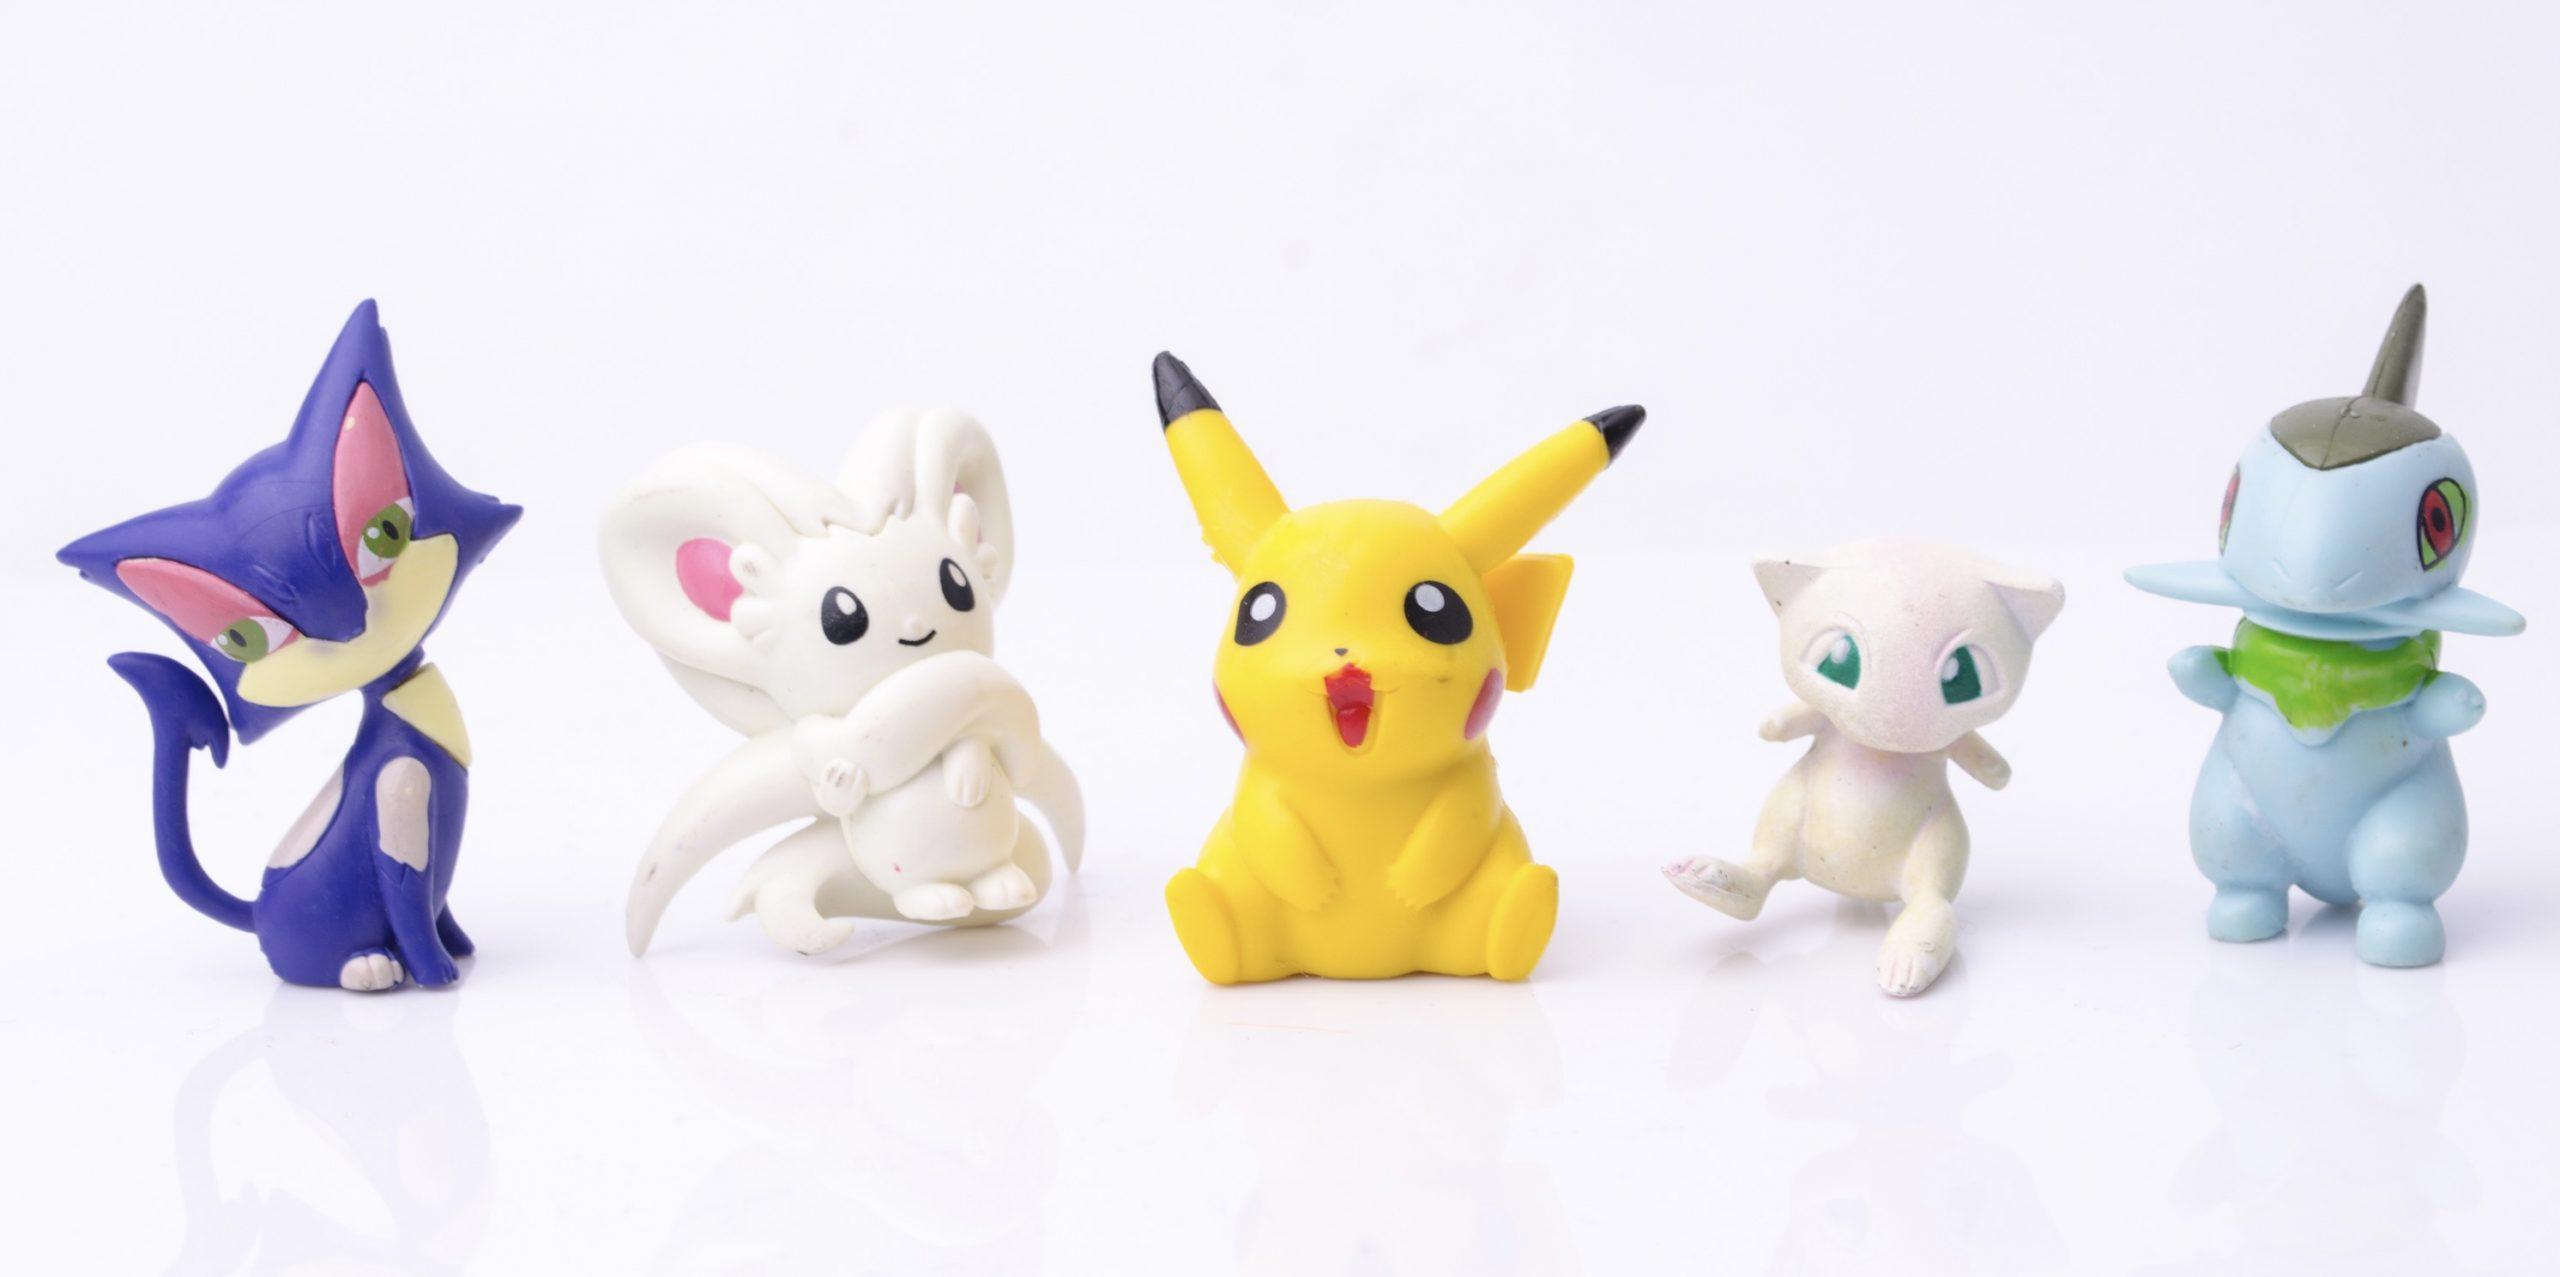 30 Kunstwerke, die die Pokémon-Welt von einer anderen Seite zeigen!